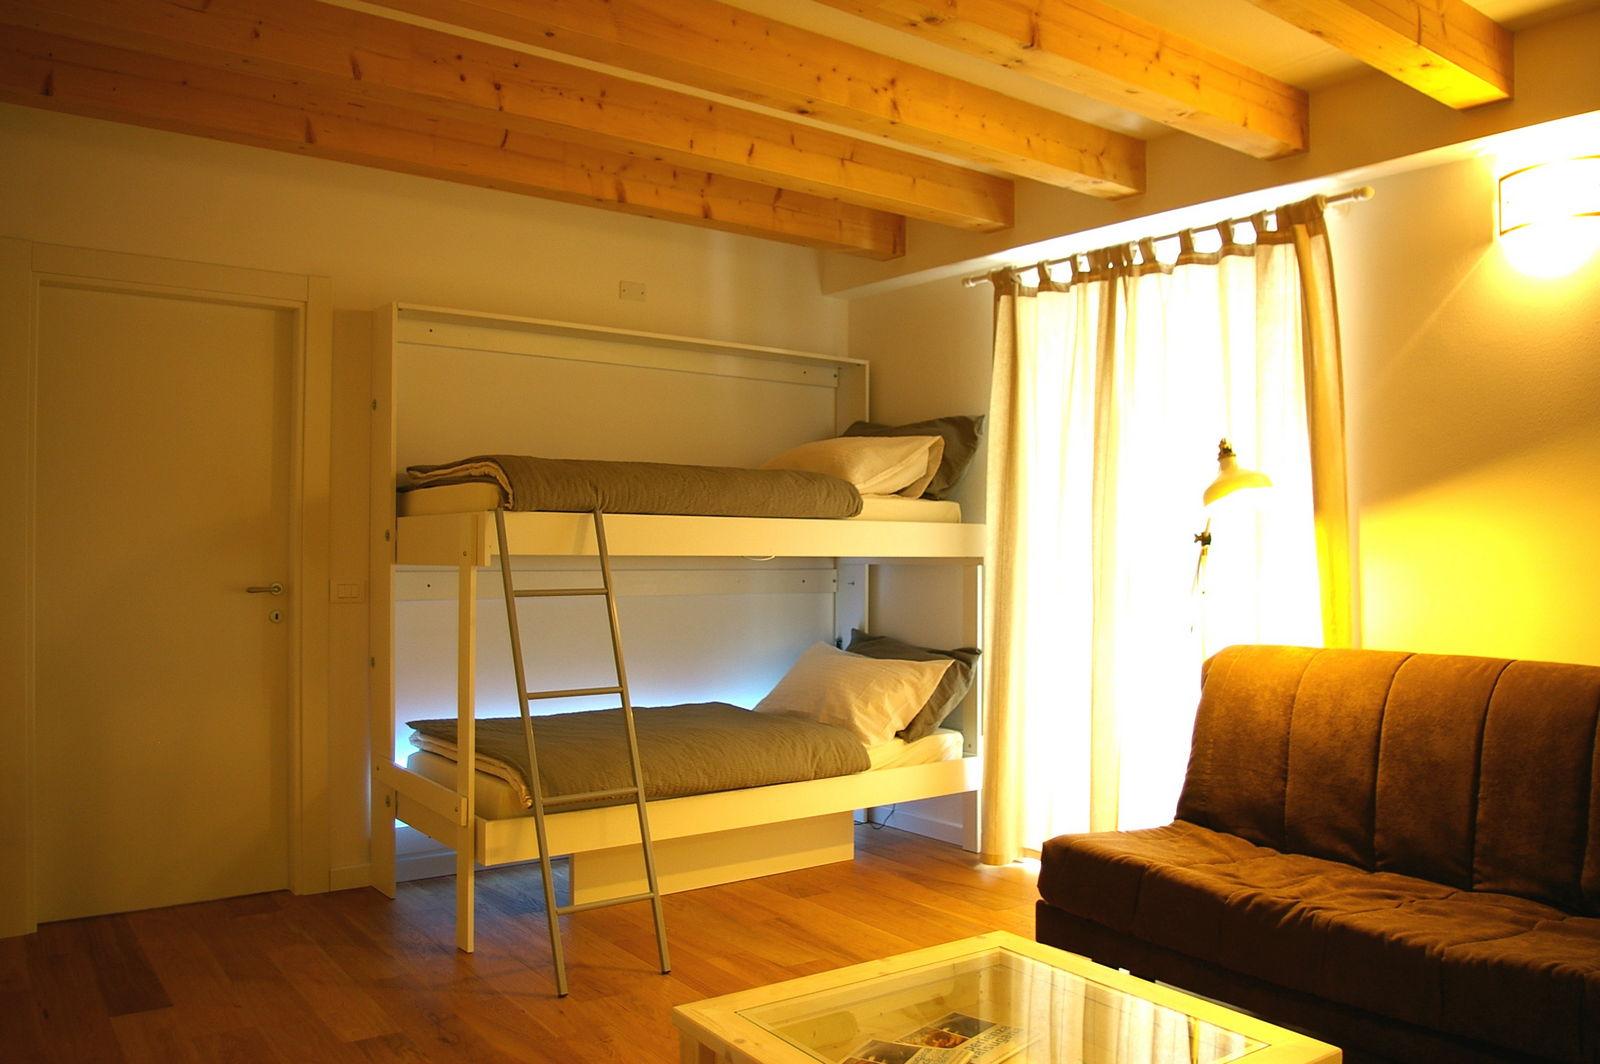 Cucina armadio 125 abbinata ai letti a parete vivilospazio mobili trasformabili - Letti richiudibili a parete ...